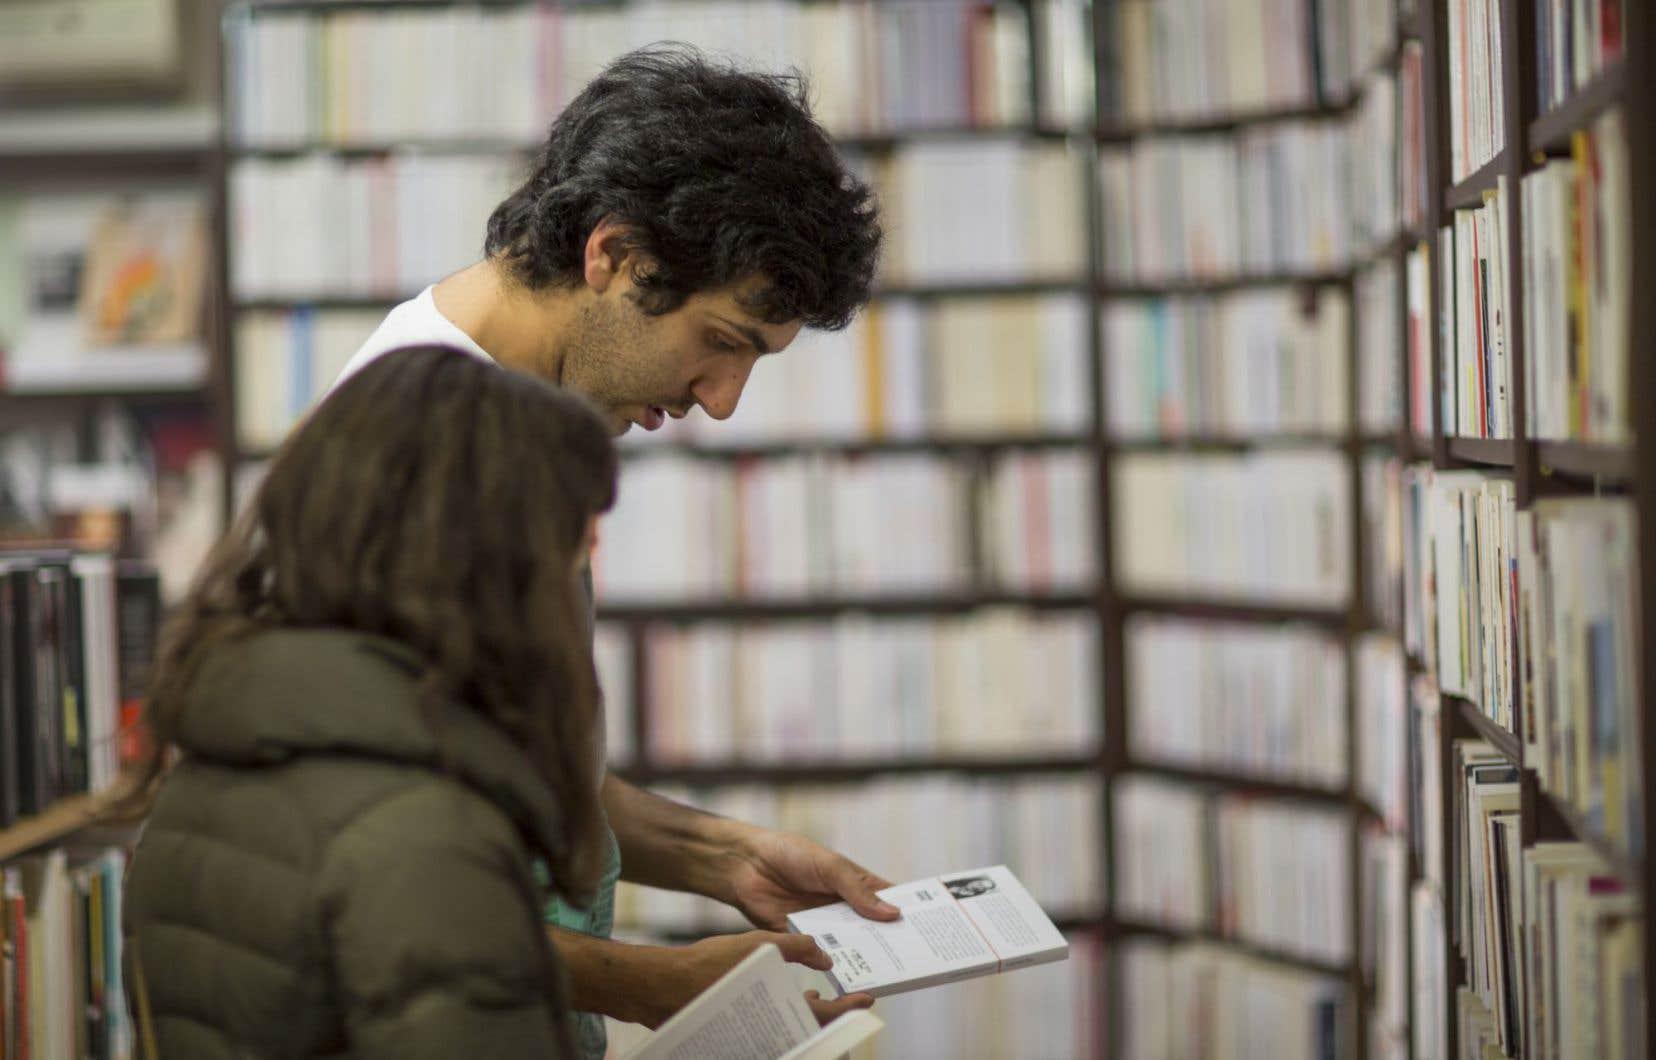 Relire équivaut-il à réécouter un disque ou à revoir un film? S'agit-il d'un acte conservateur?